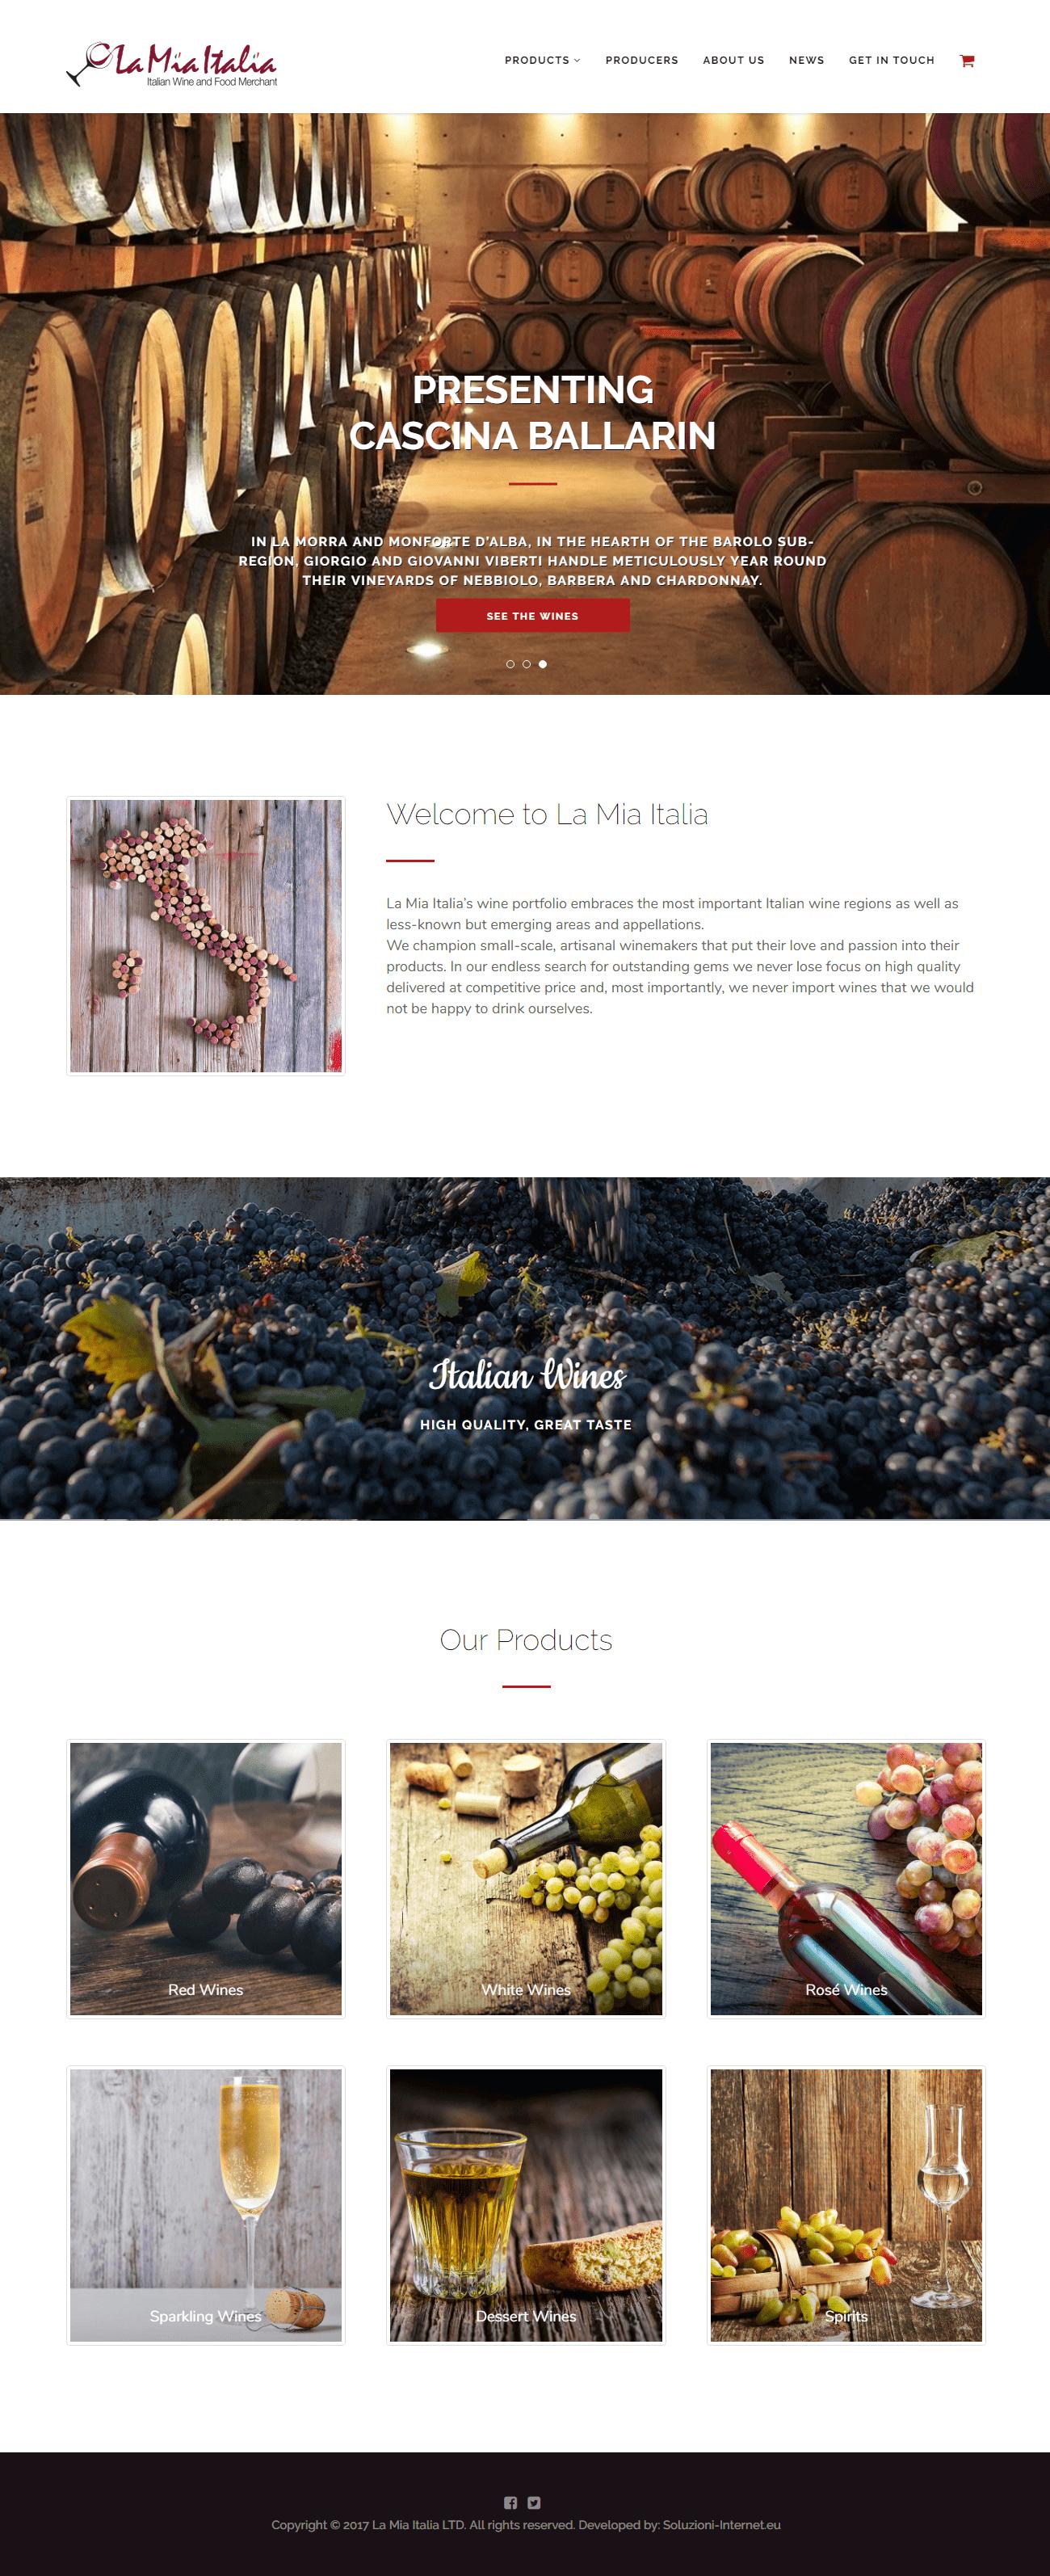 La Mia Italia - Home Page